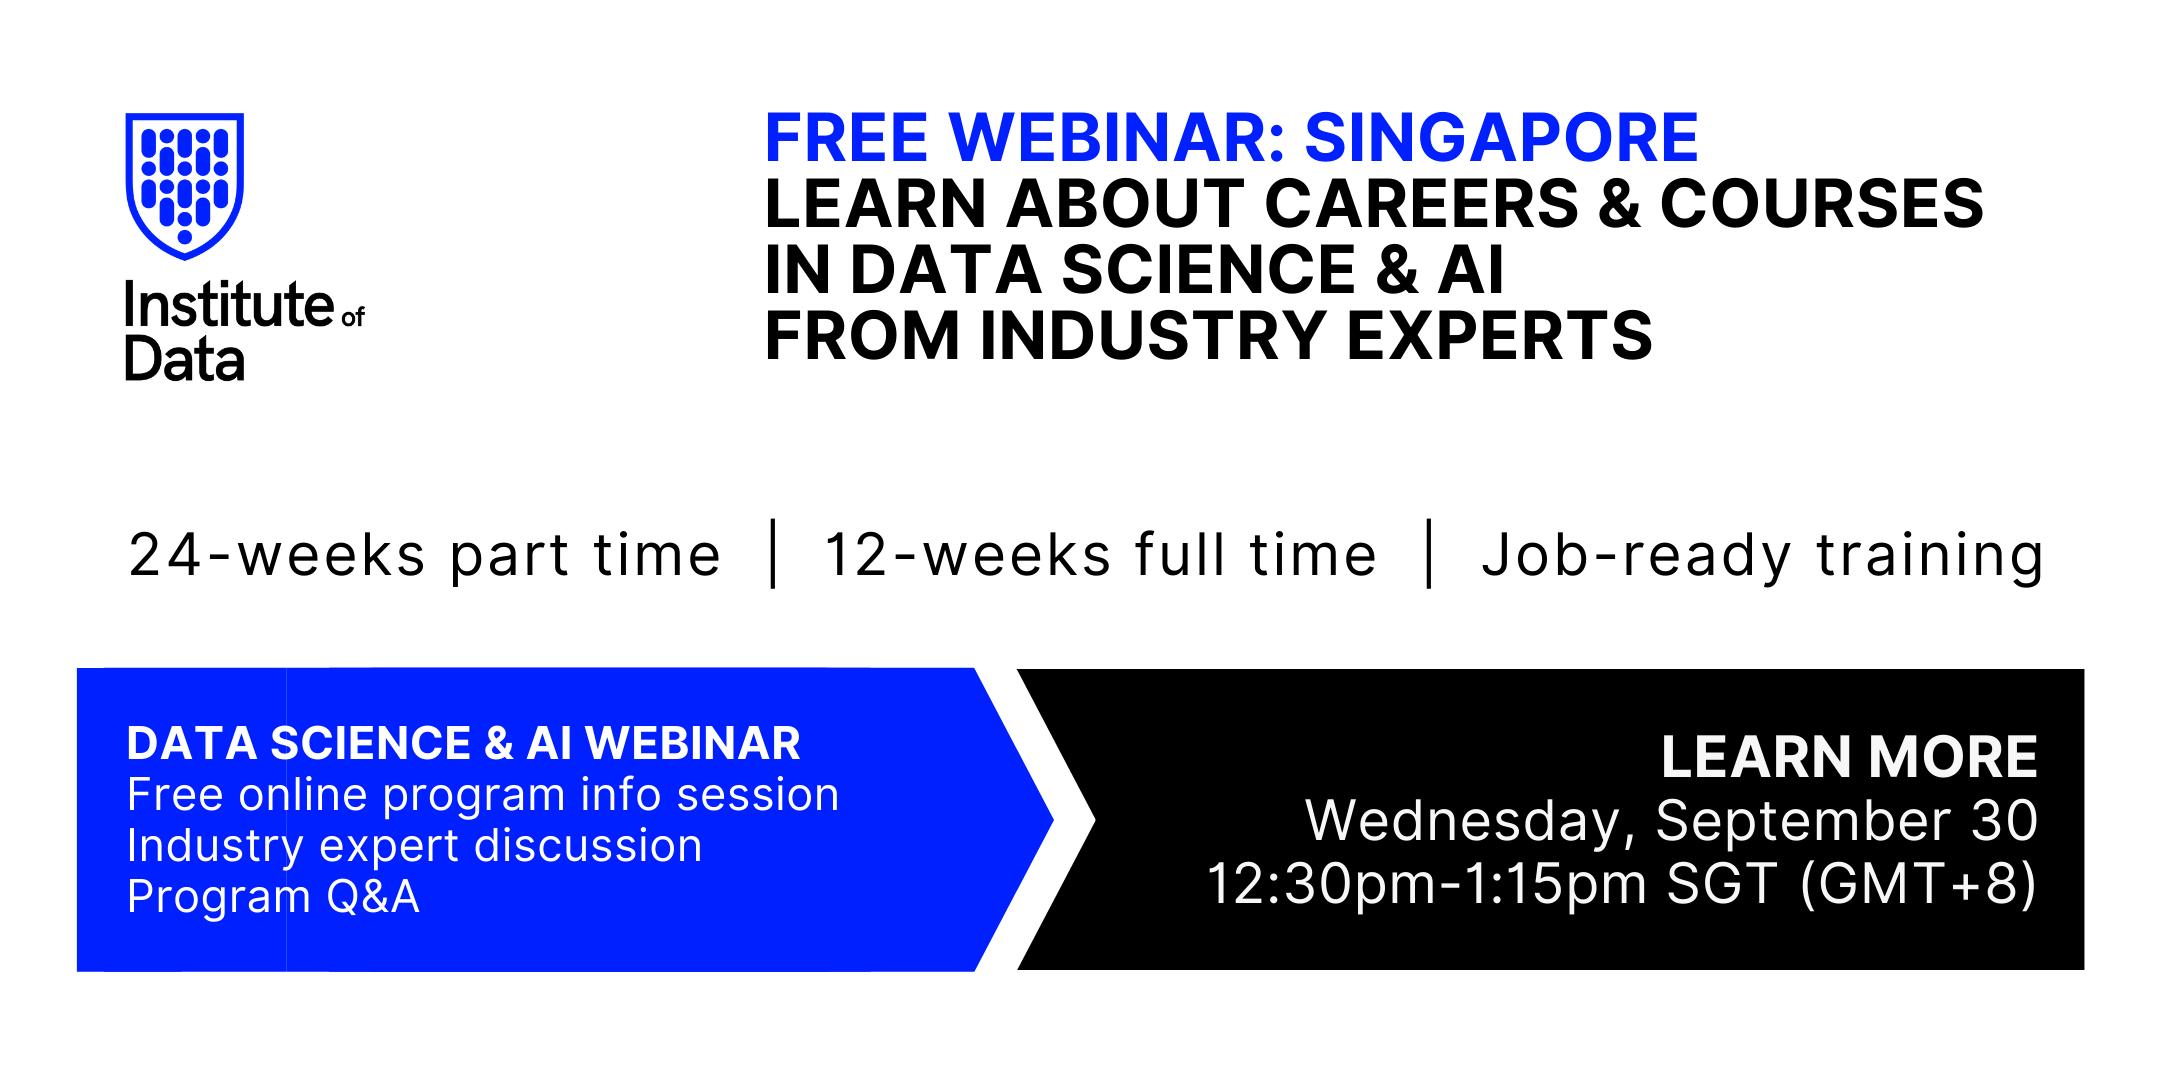 Institute of Data Singapore - Data Science Program - Online Info Session - September 30 2020